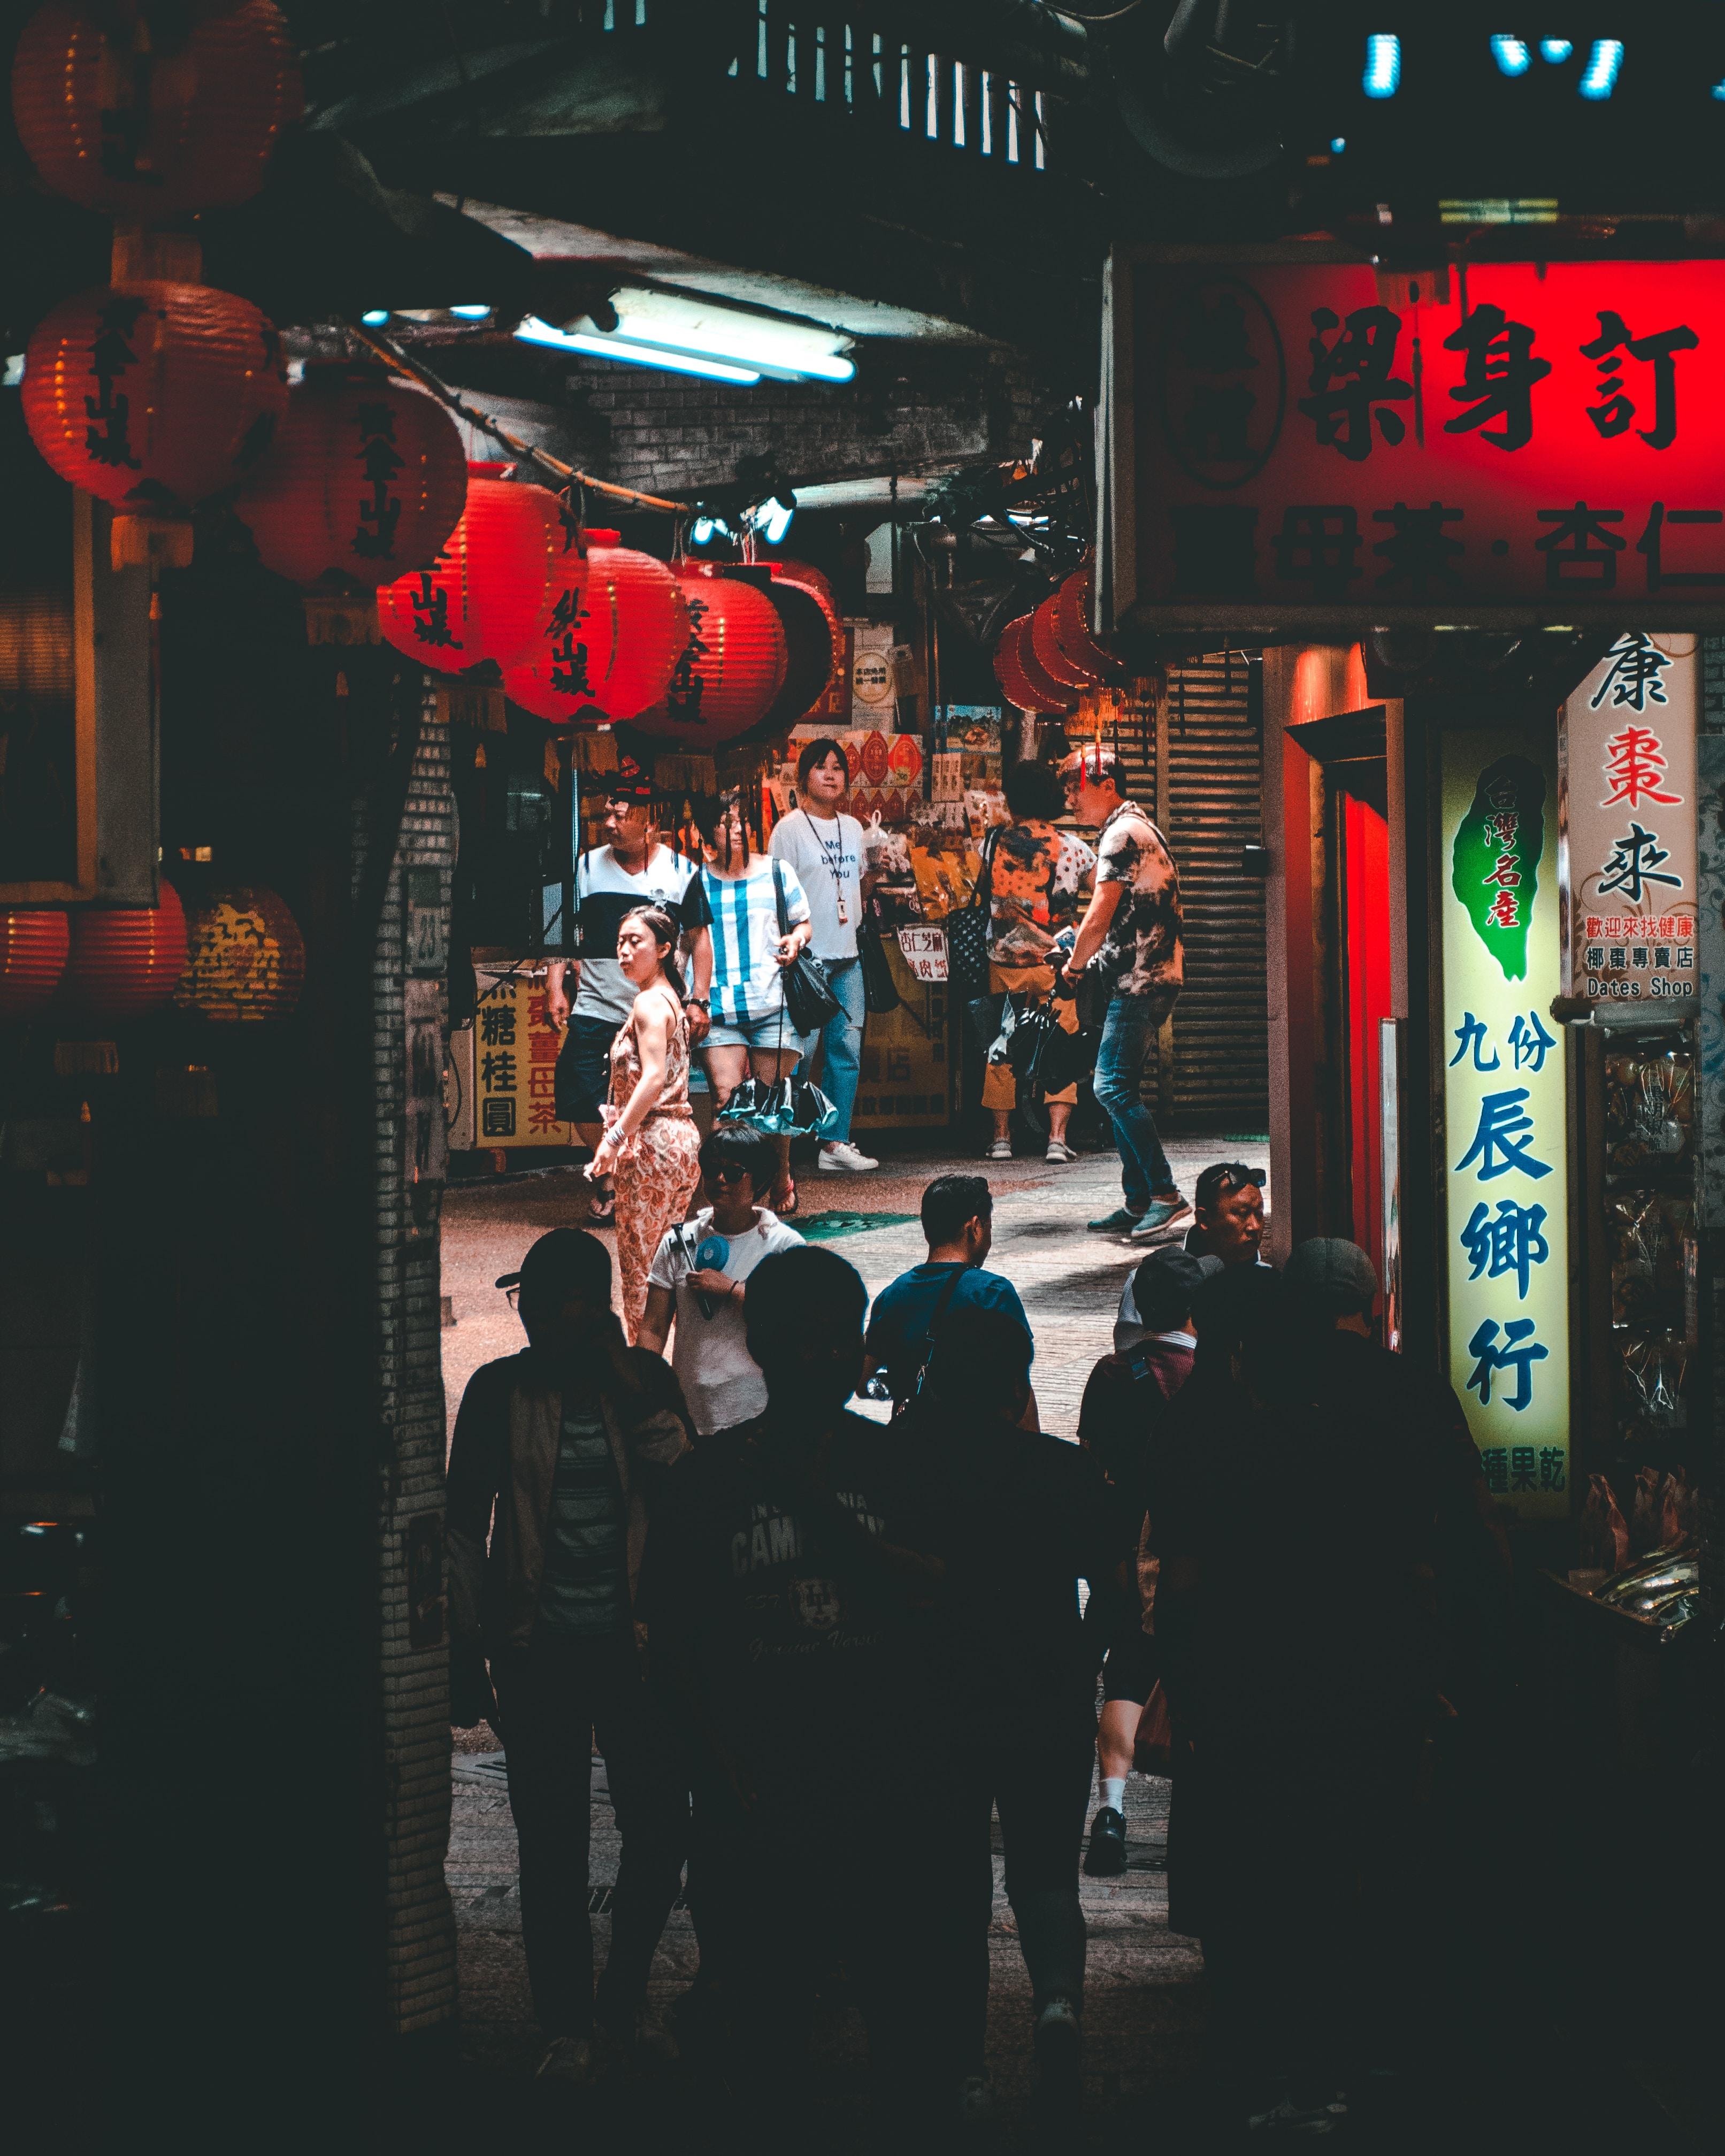 people walking on pathway between stores